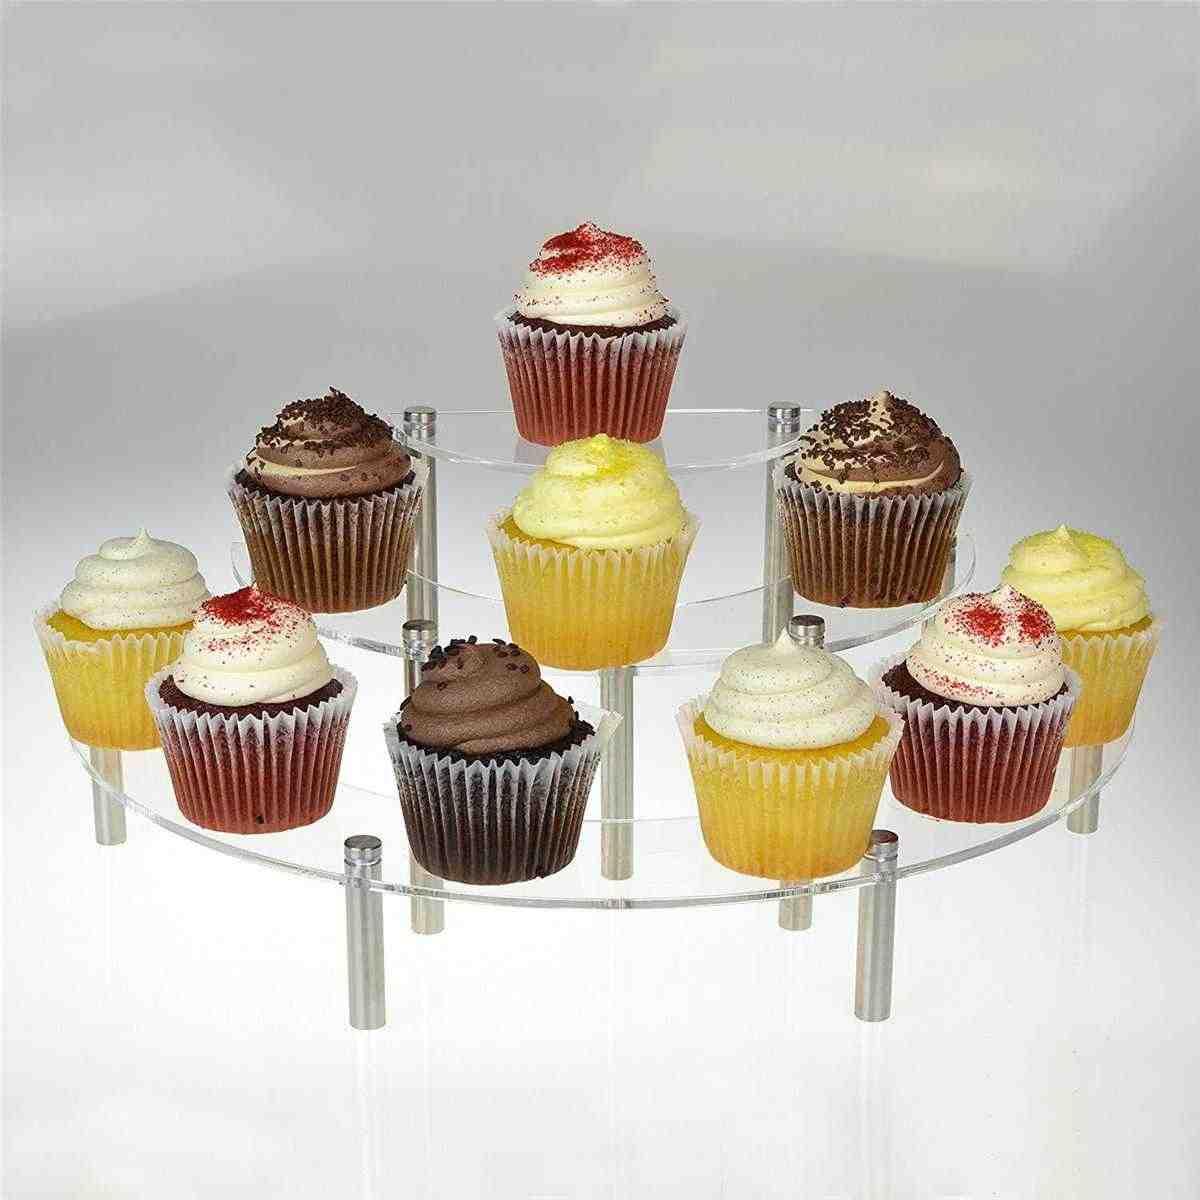 Soporte de 3 niveles de acrílico para Tartas, soporte de cupcakes duradero, expositor de postre, bandeja para servir magdalenas, estante para bodas, fiesta de cumpleaños, panadería